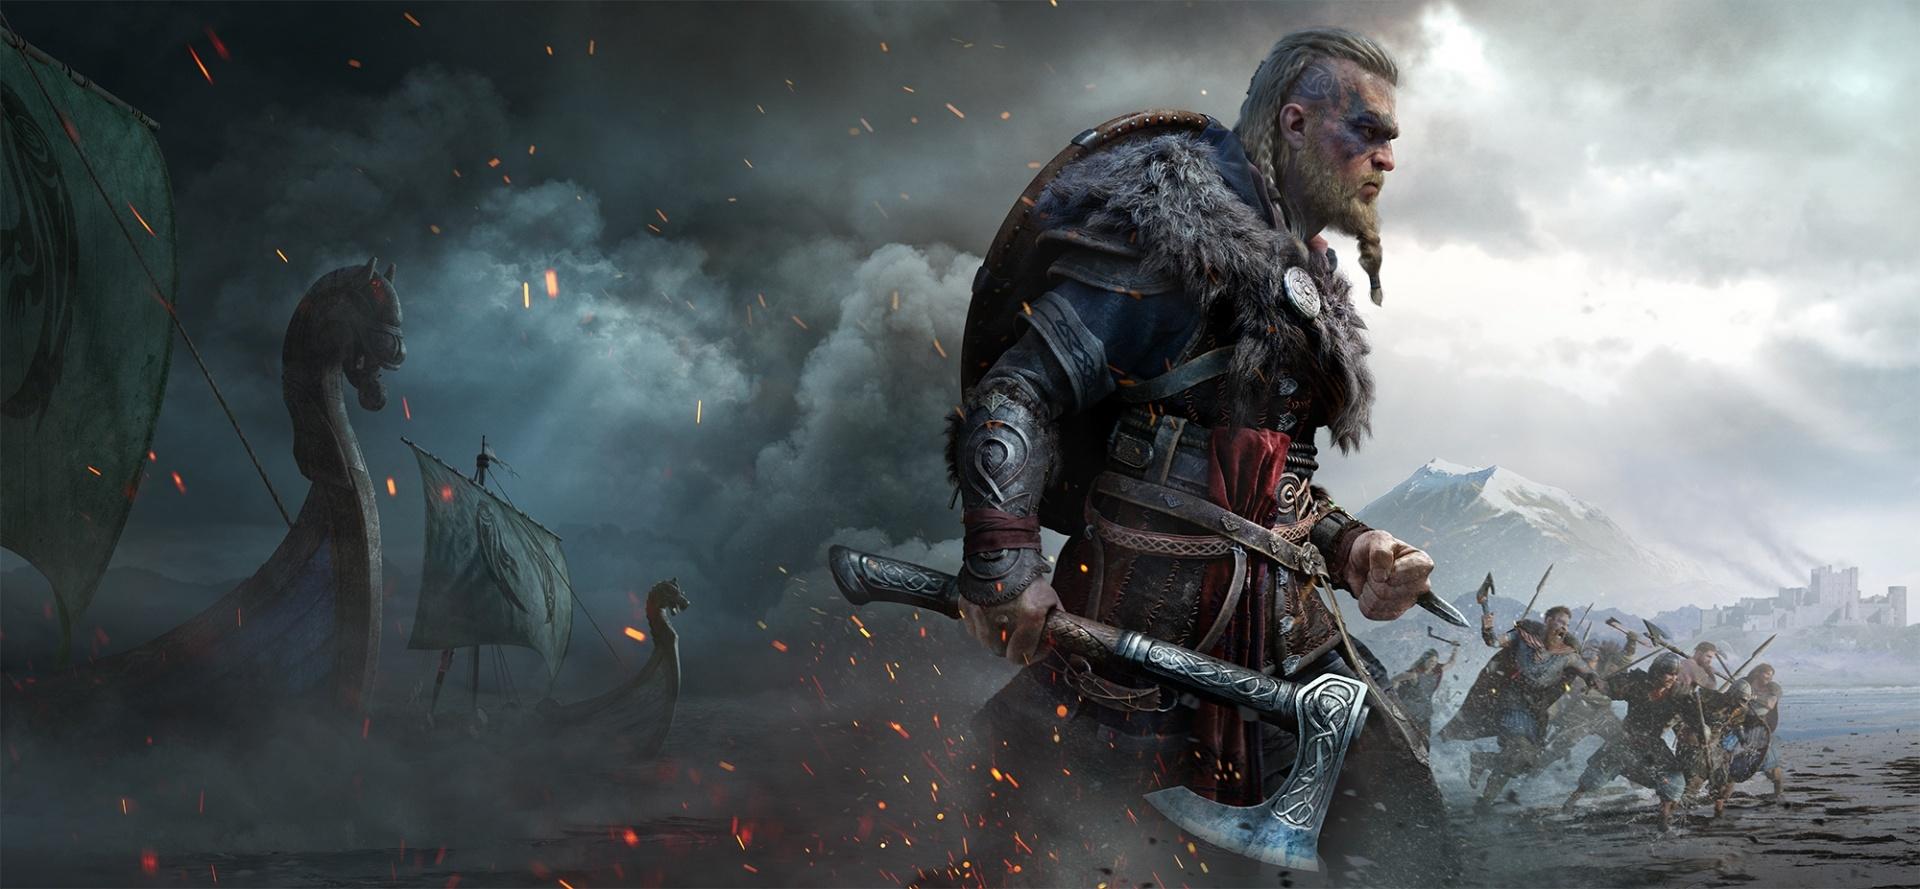 Assassin's Creed: Valhalla позволит вам владеть даже двумя щитами одновременно, если хотите